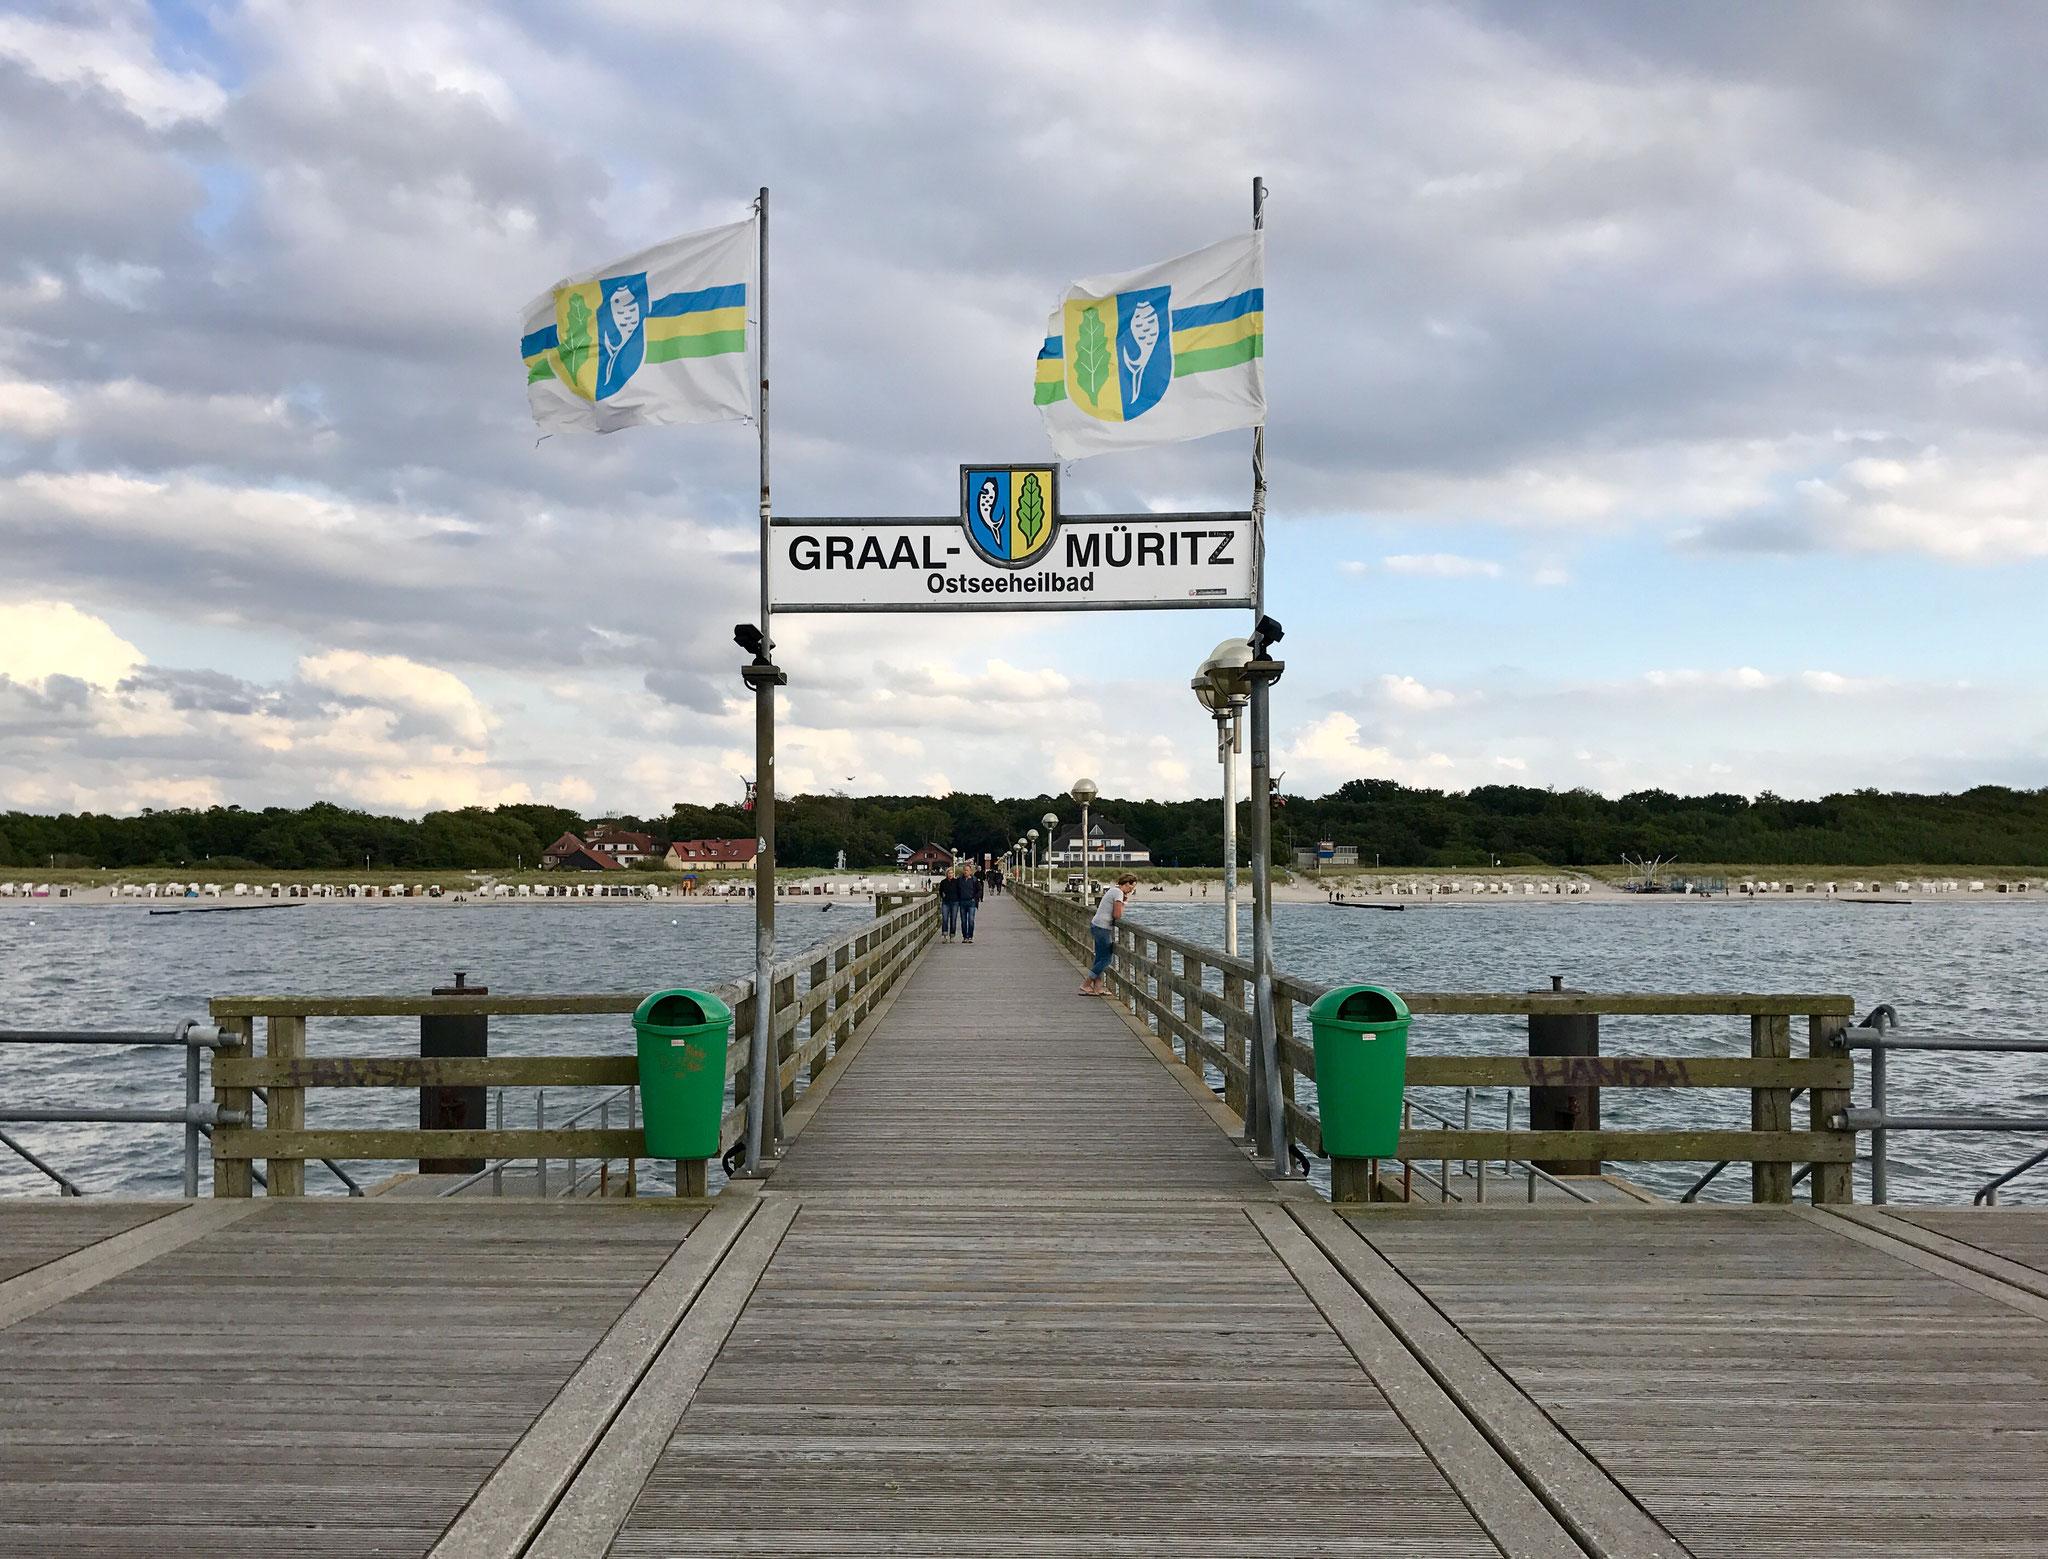 Ostseeurlaub in Graal-Müritz